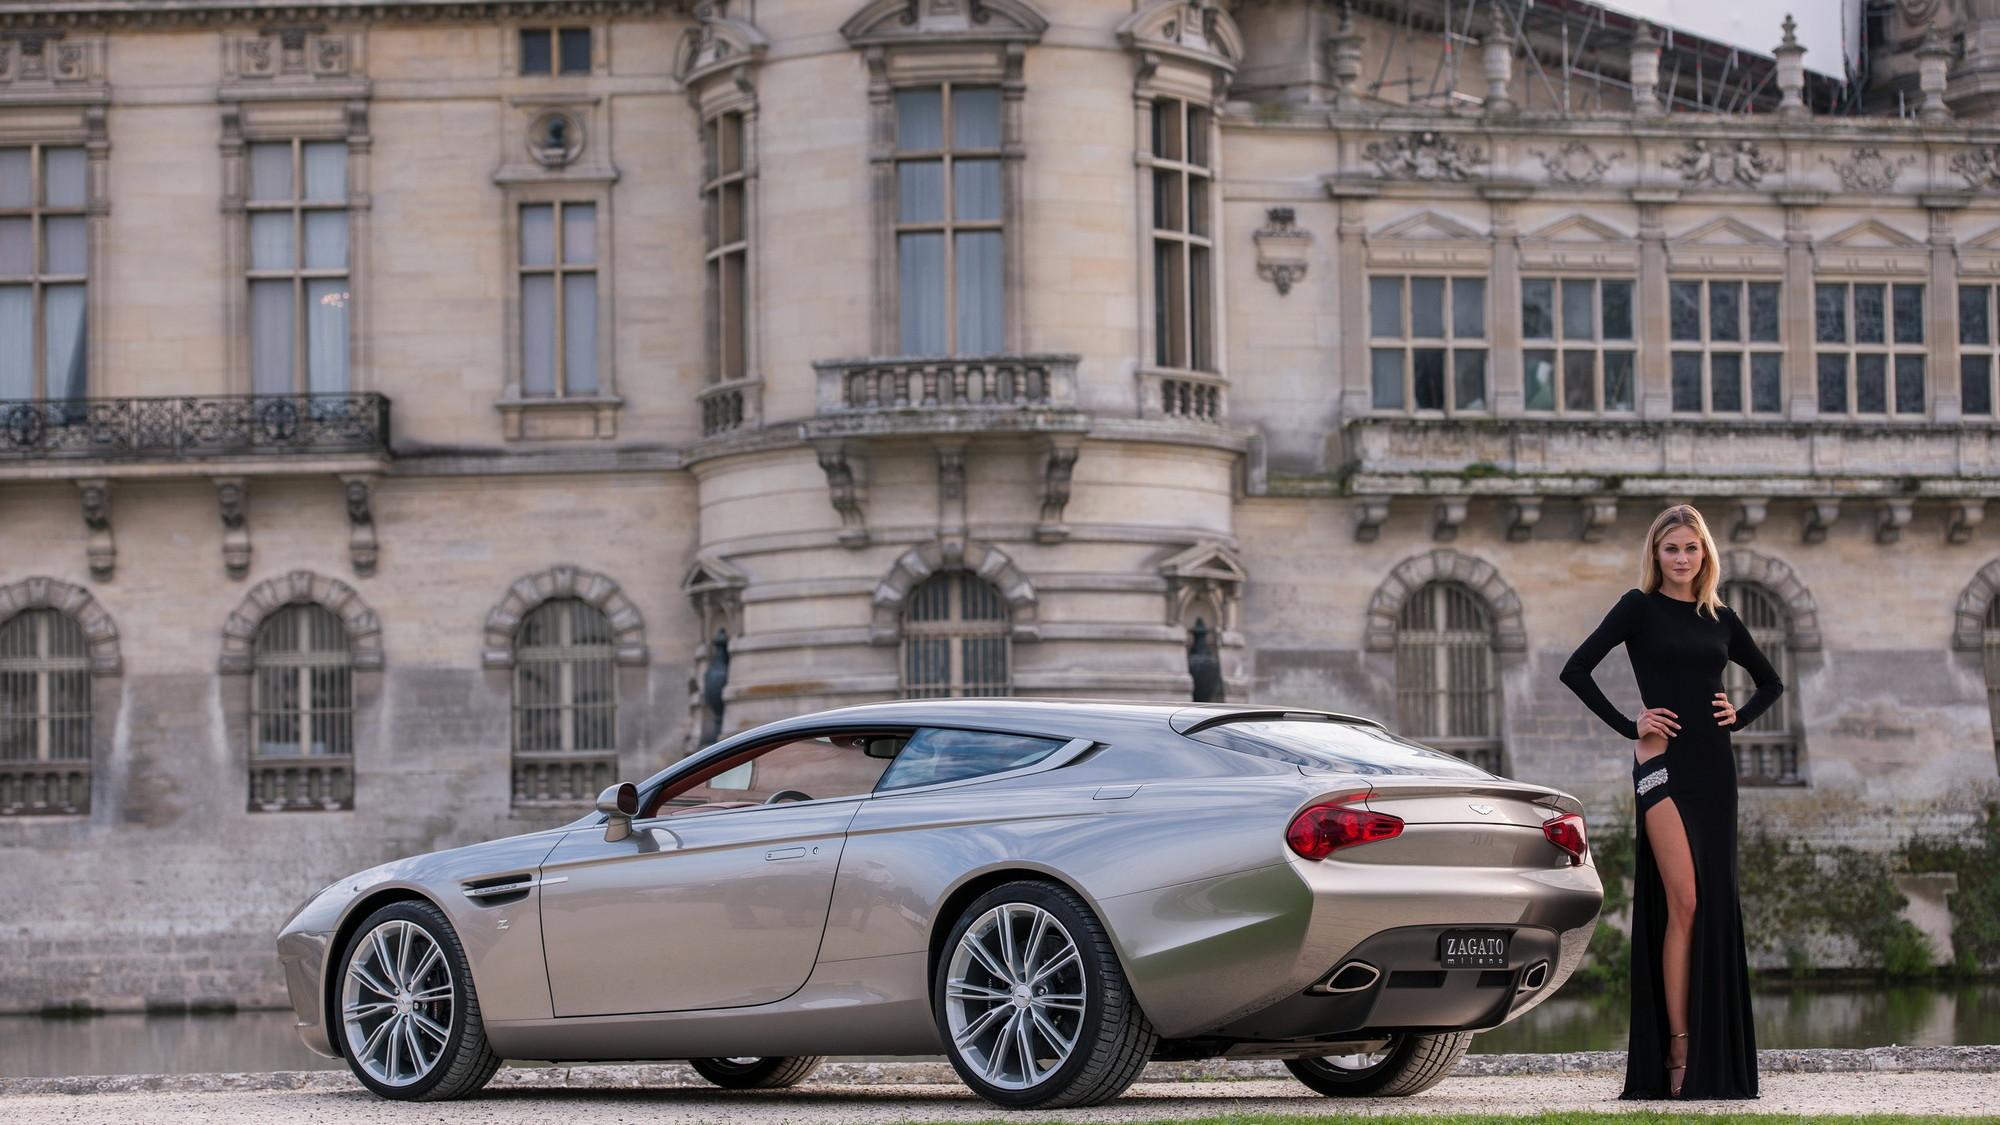 2014 Aston Martin Virage Shooting Brake